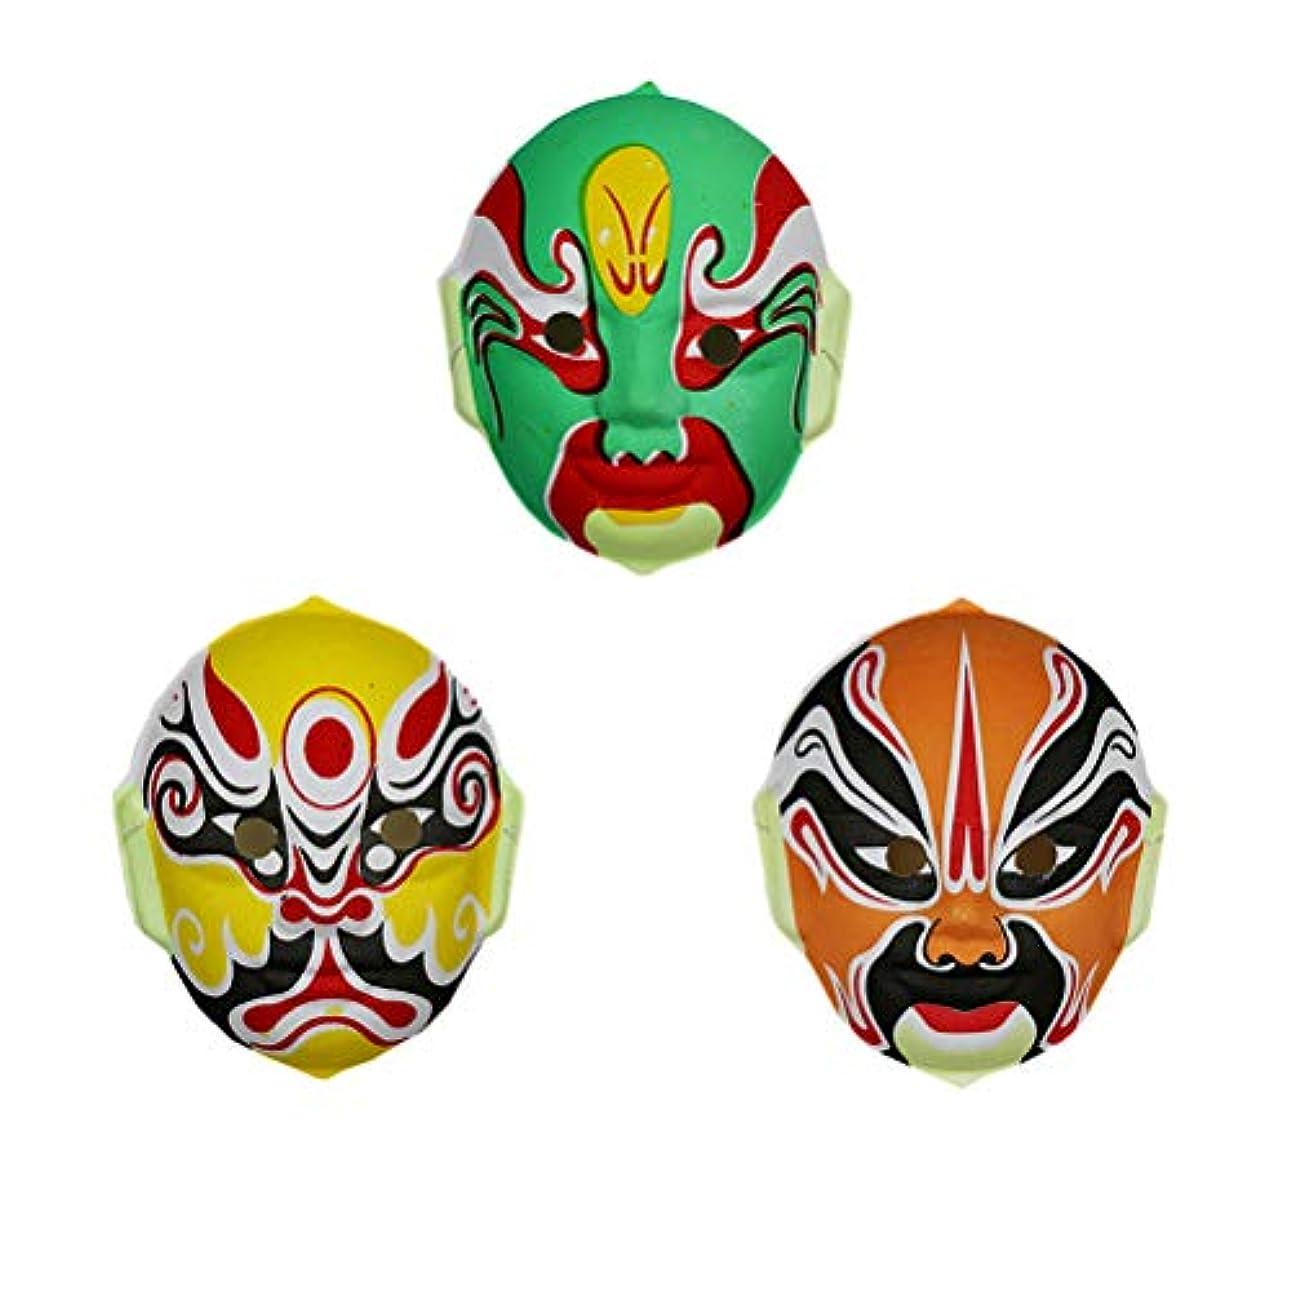 くさび柔らかい足王女TINKSKY 3本 中国 オペラマスク 伝統オペラマスク ハロウィーン コスプレ小道具 パーティー用品 (ランダムスタイル)